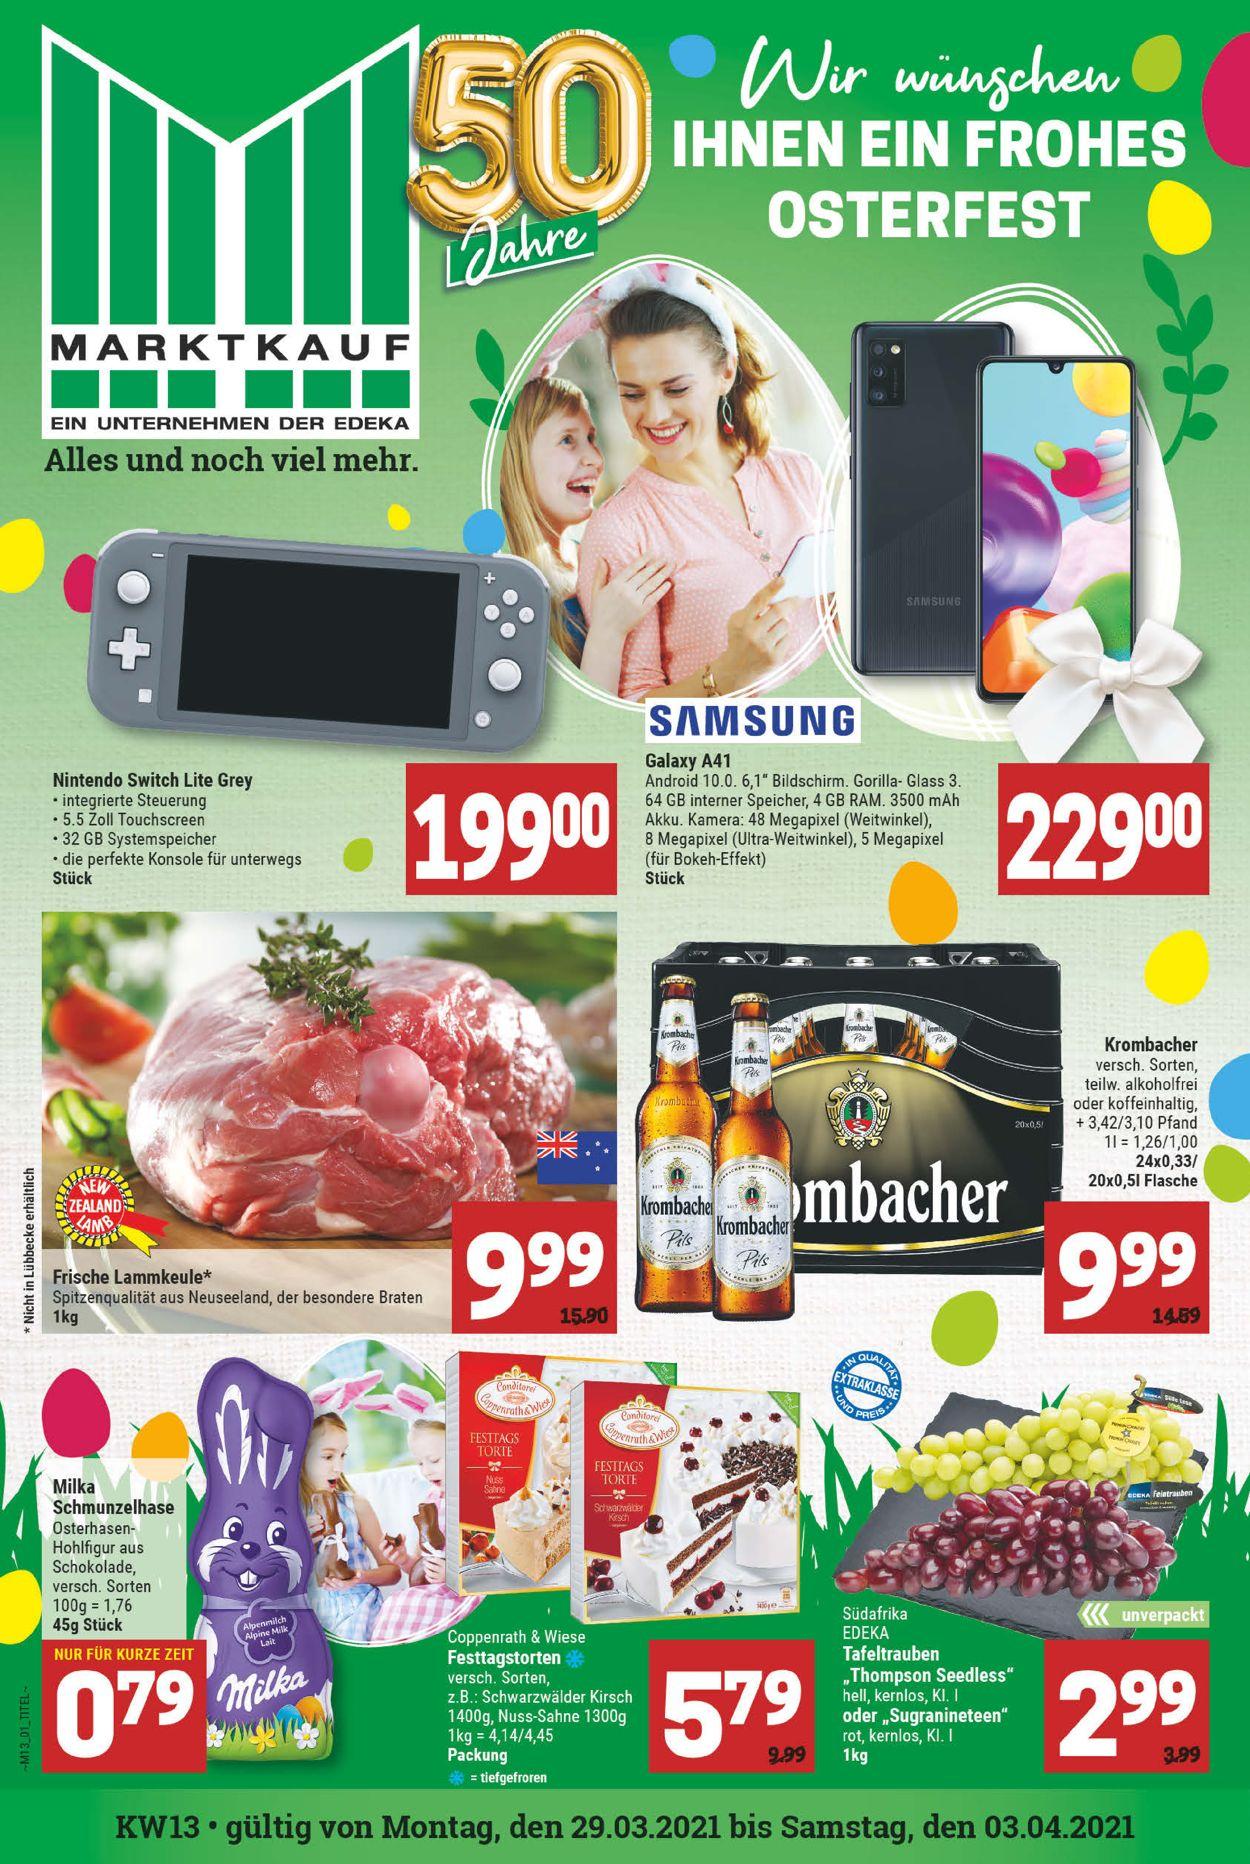 Marktkauf Ostern 2021 Prospekt - Aktuell vom 29.03-03.04.2021